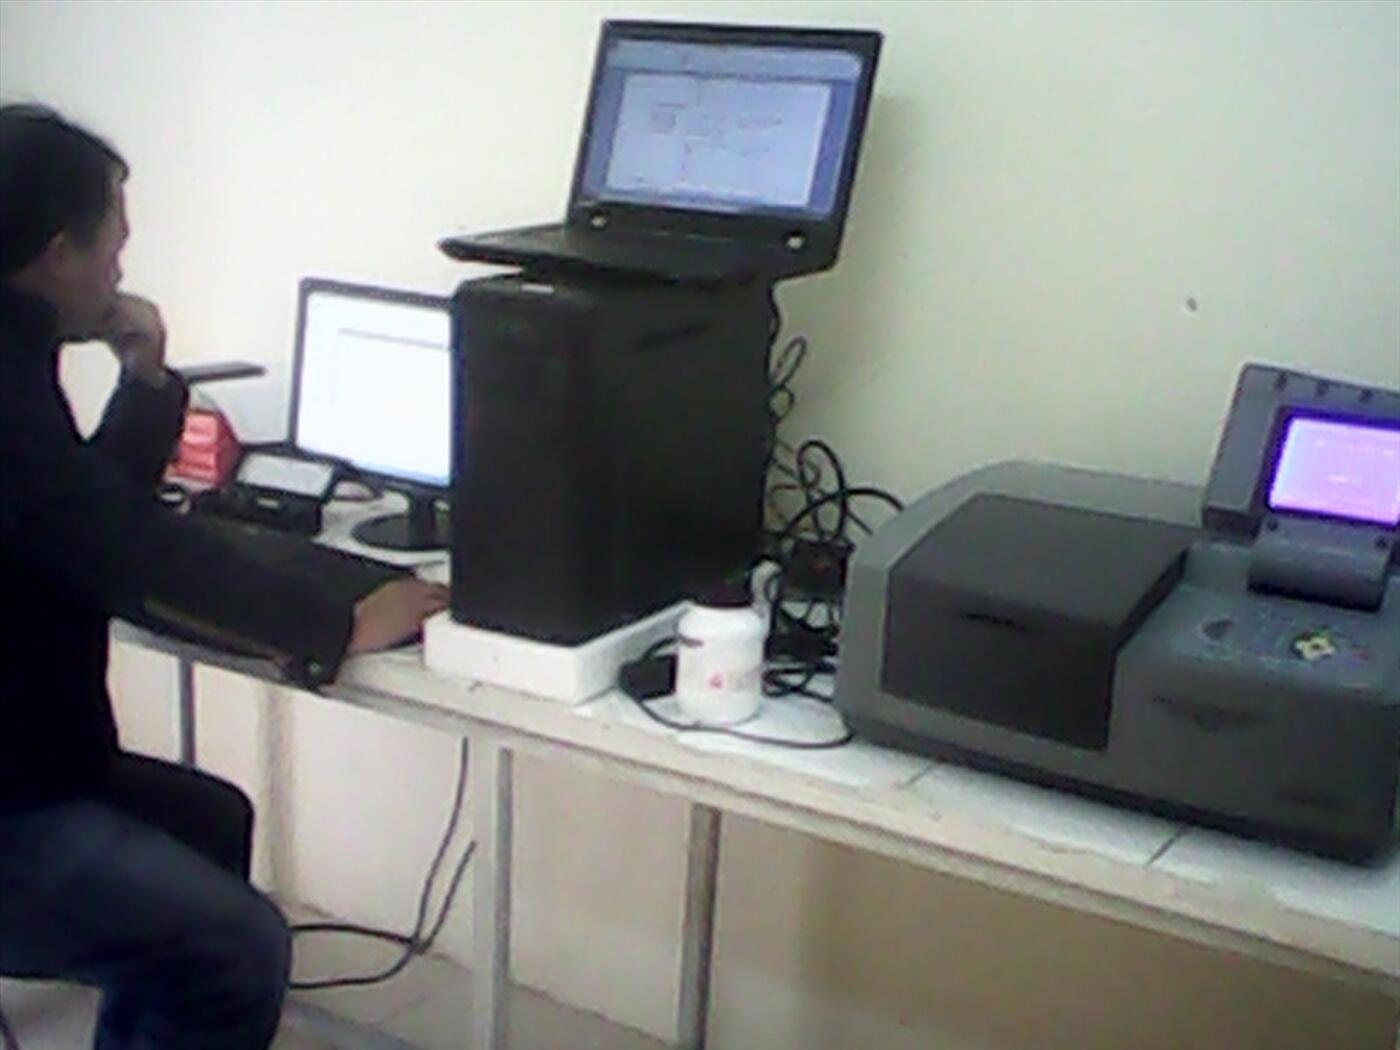 MÁY QUANG PHỔ UV-VIS 2 CHÙM TIA ( khay tự động 8 vị trí- khe phổ lựa chọn tự động )